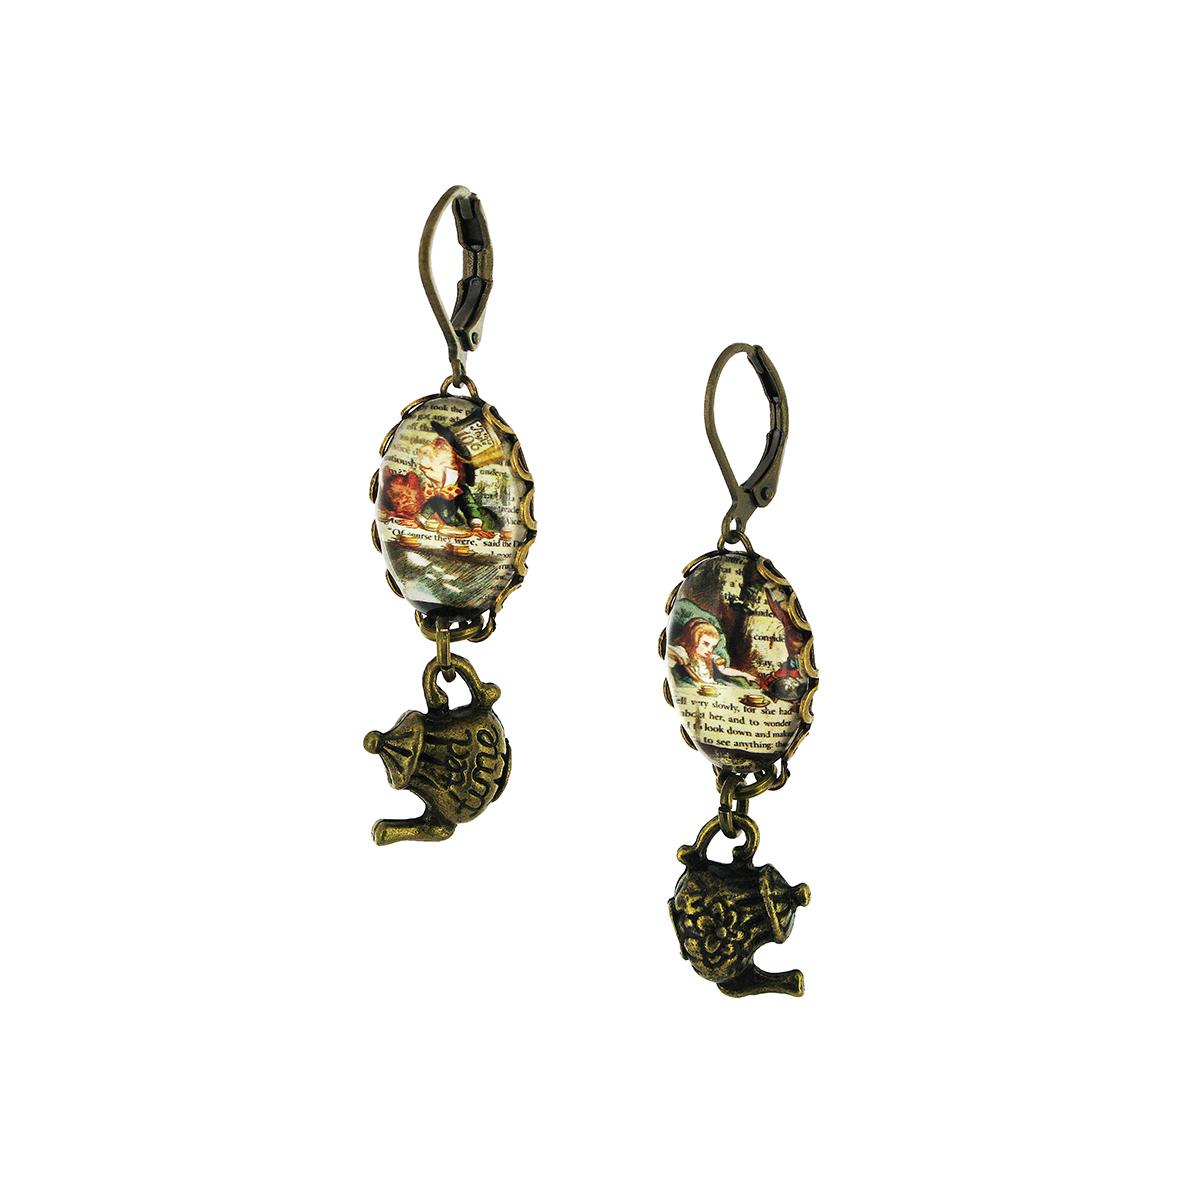 Alice's teapot drop earrings